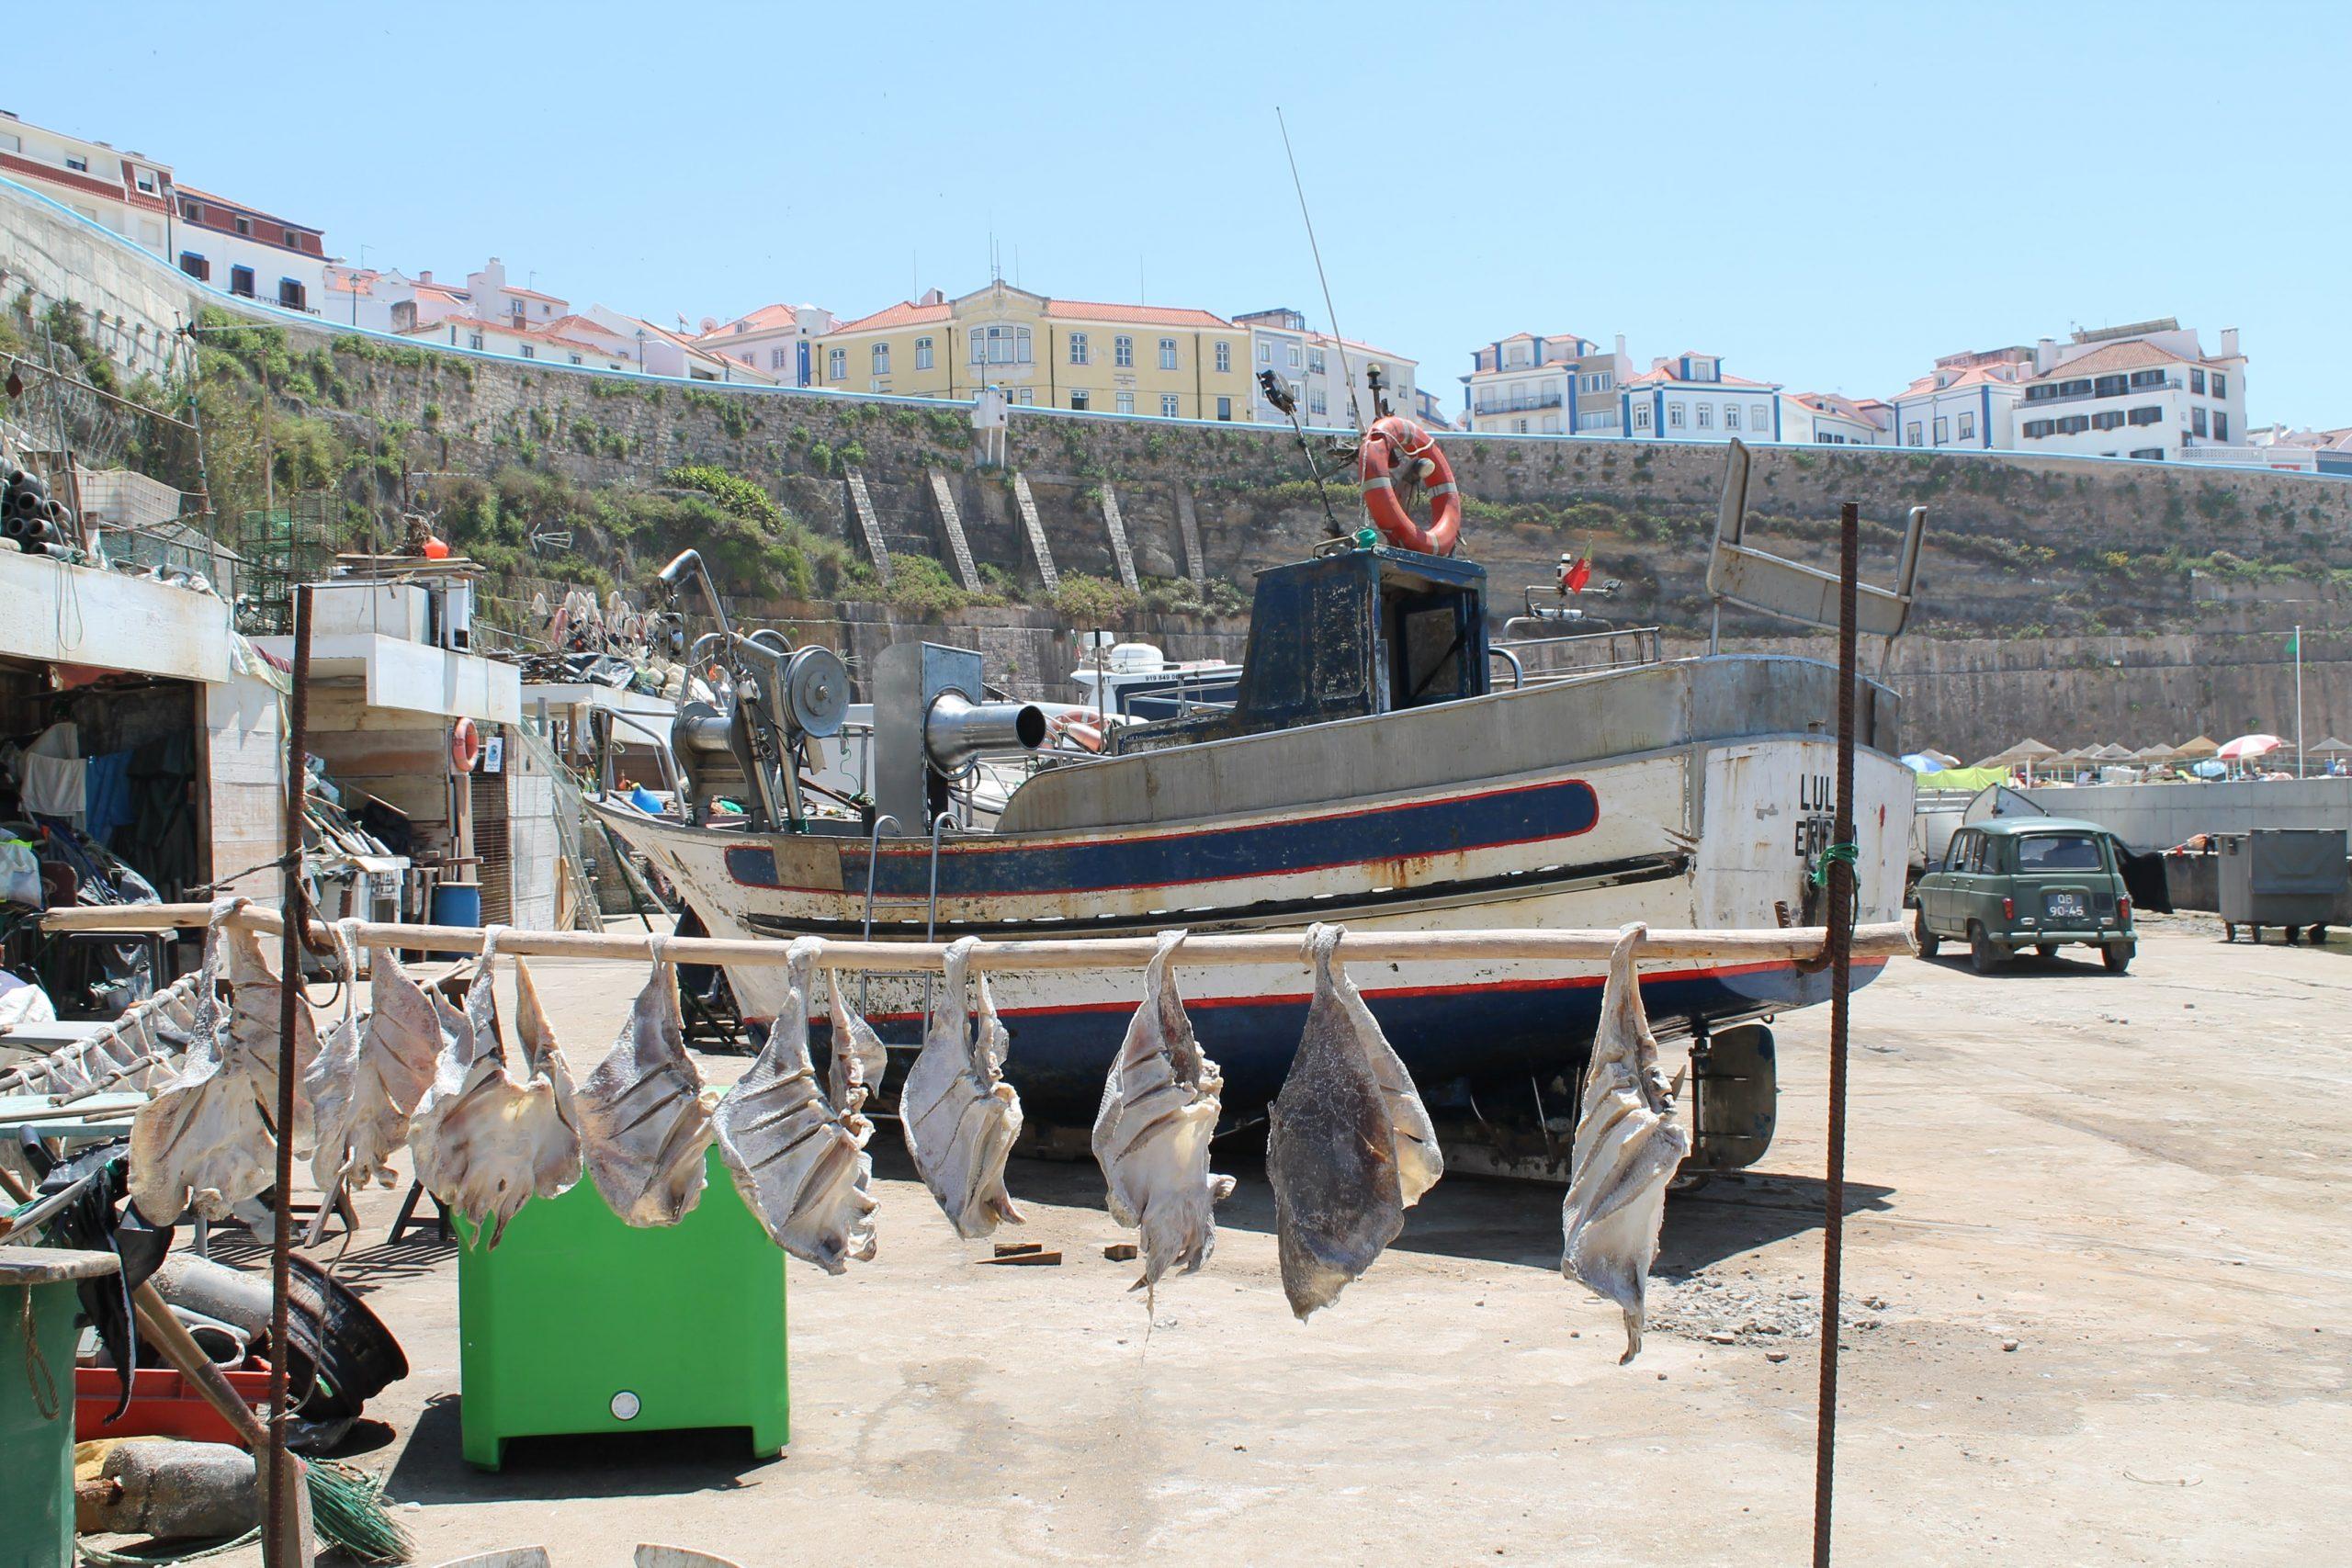 Praia dos Pescadores - Club Naval orto da Ericeira